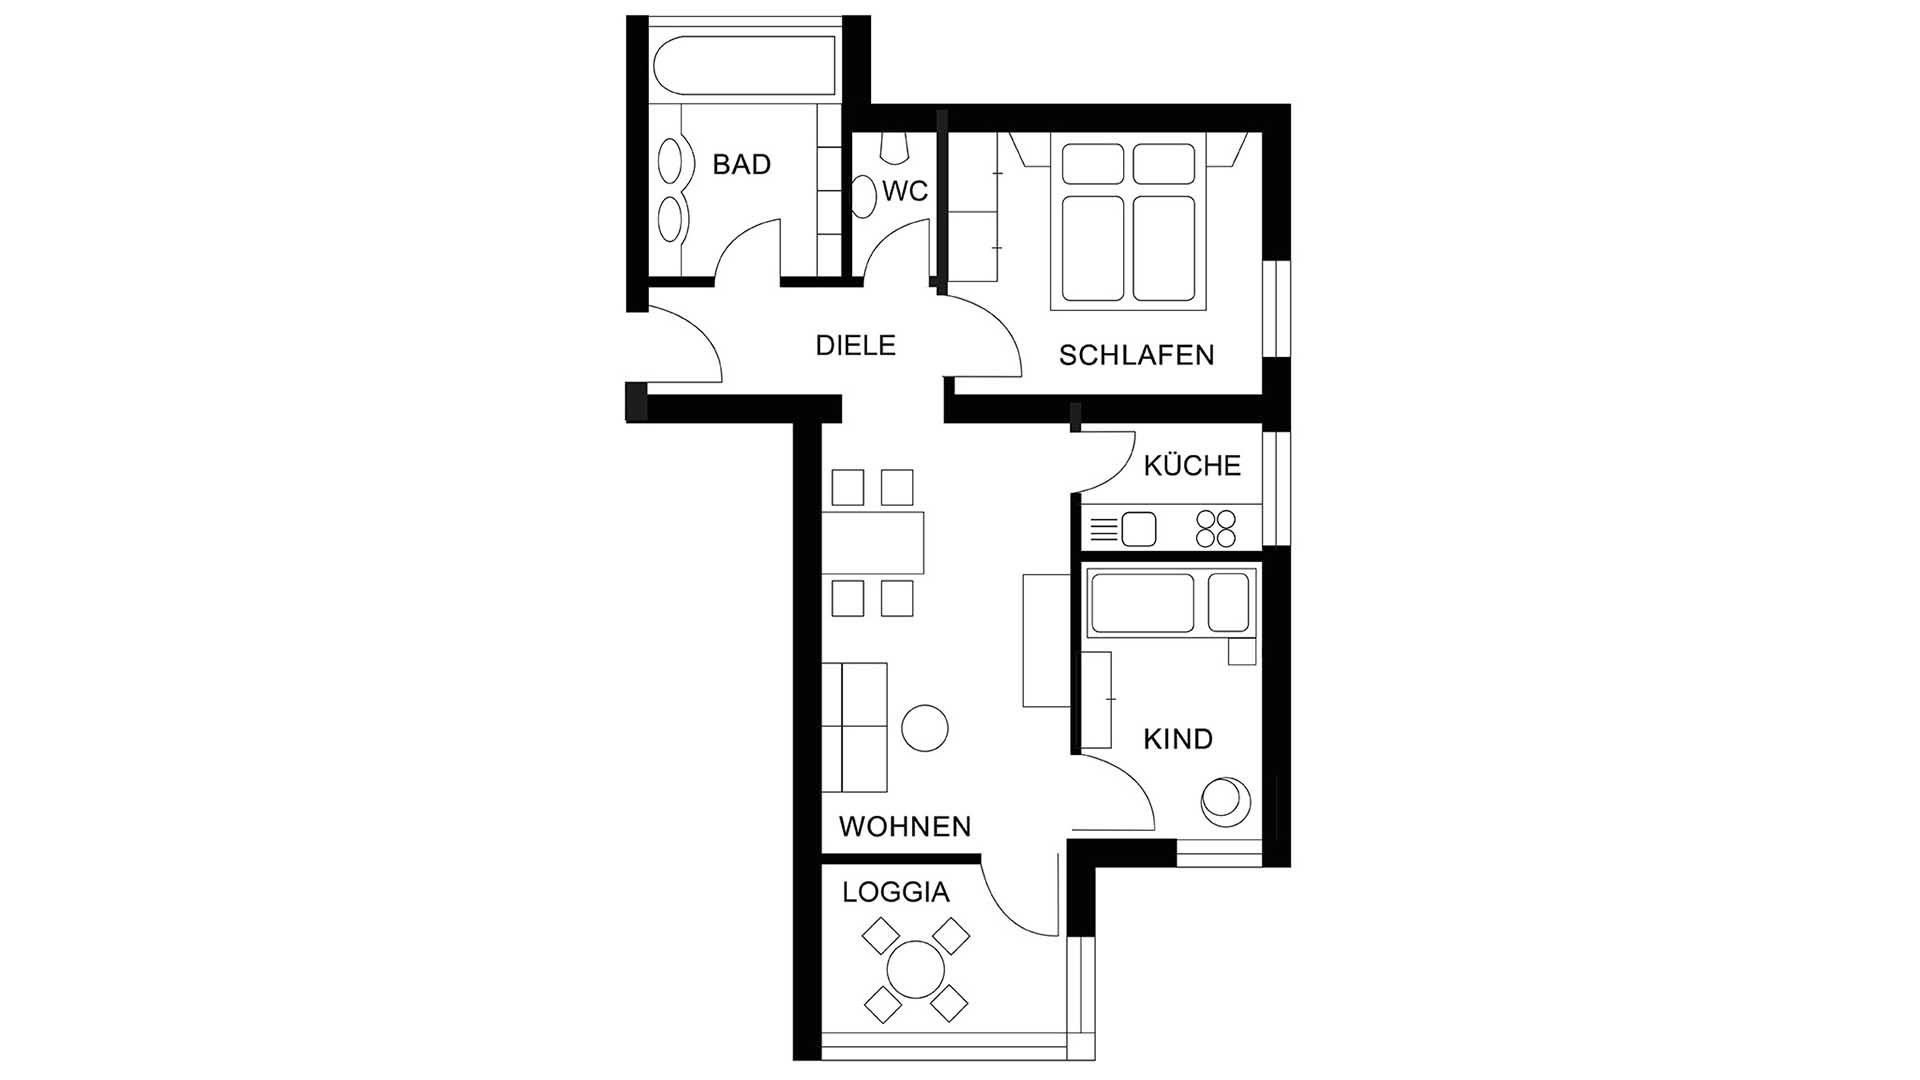 Wohnung-1-Slider-Winkler-Tuschnig-10